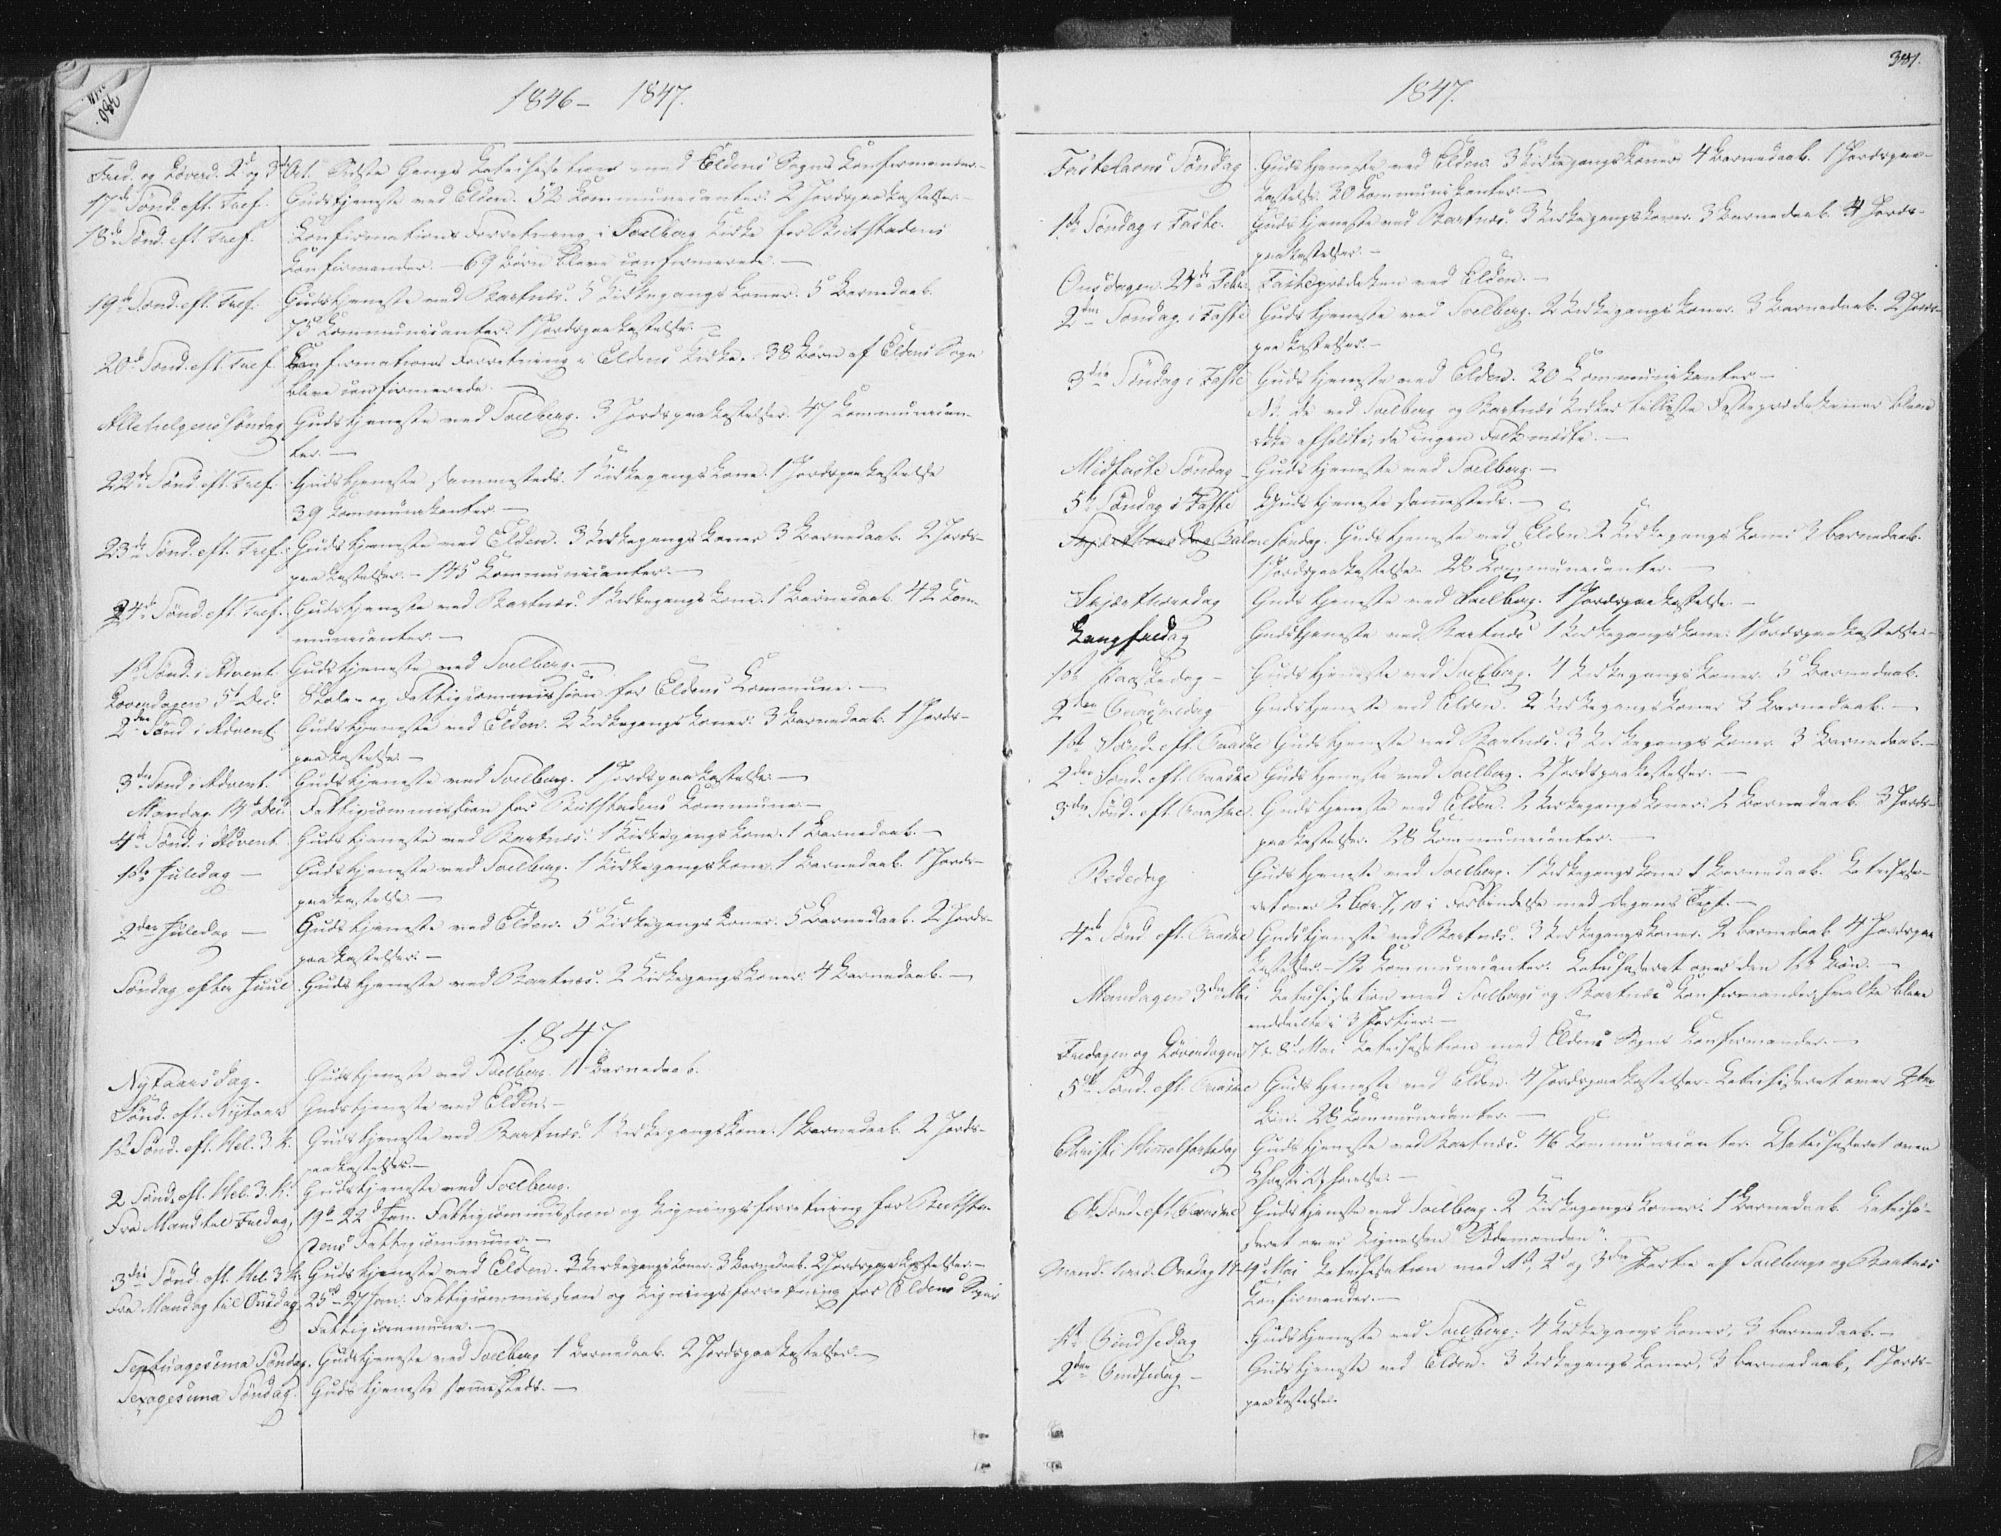 SAT, Ministerialprotokoller, klokkerbøker og fødselsregistre - Nord-Trøndelag, 741/L0392: Ministerialbok nr. 741A06, 1836-1848, s. 381